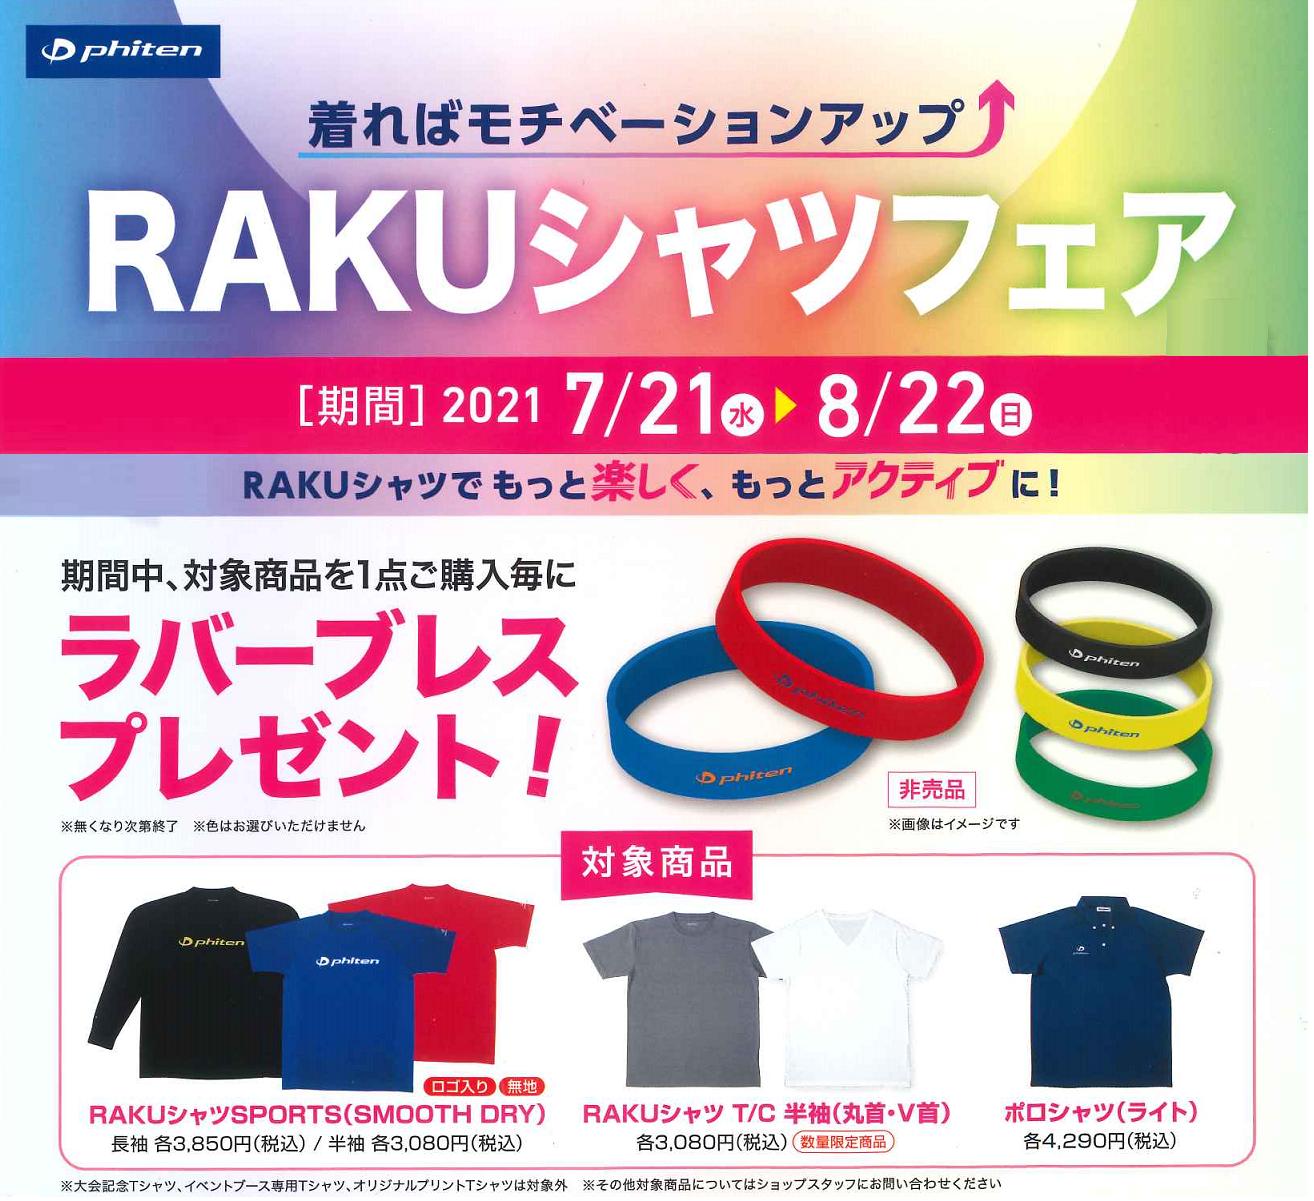 20210721RAKUシャツフェア画像.png